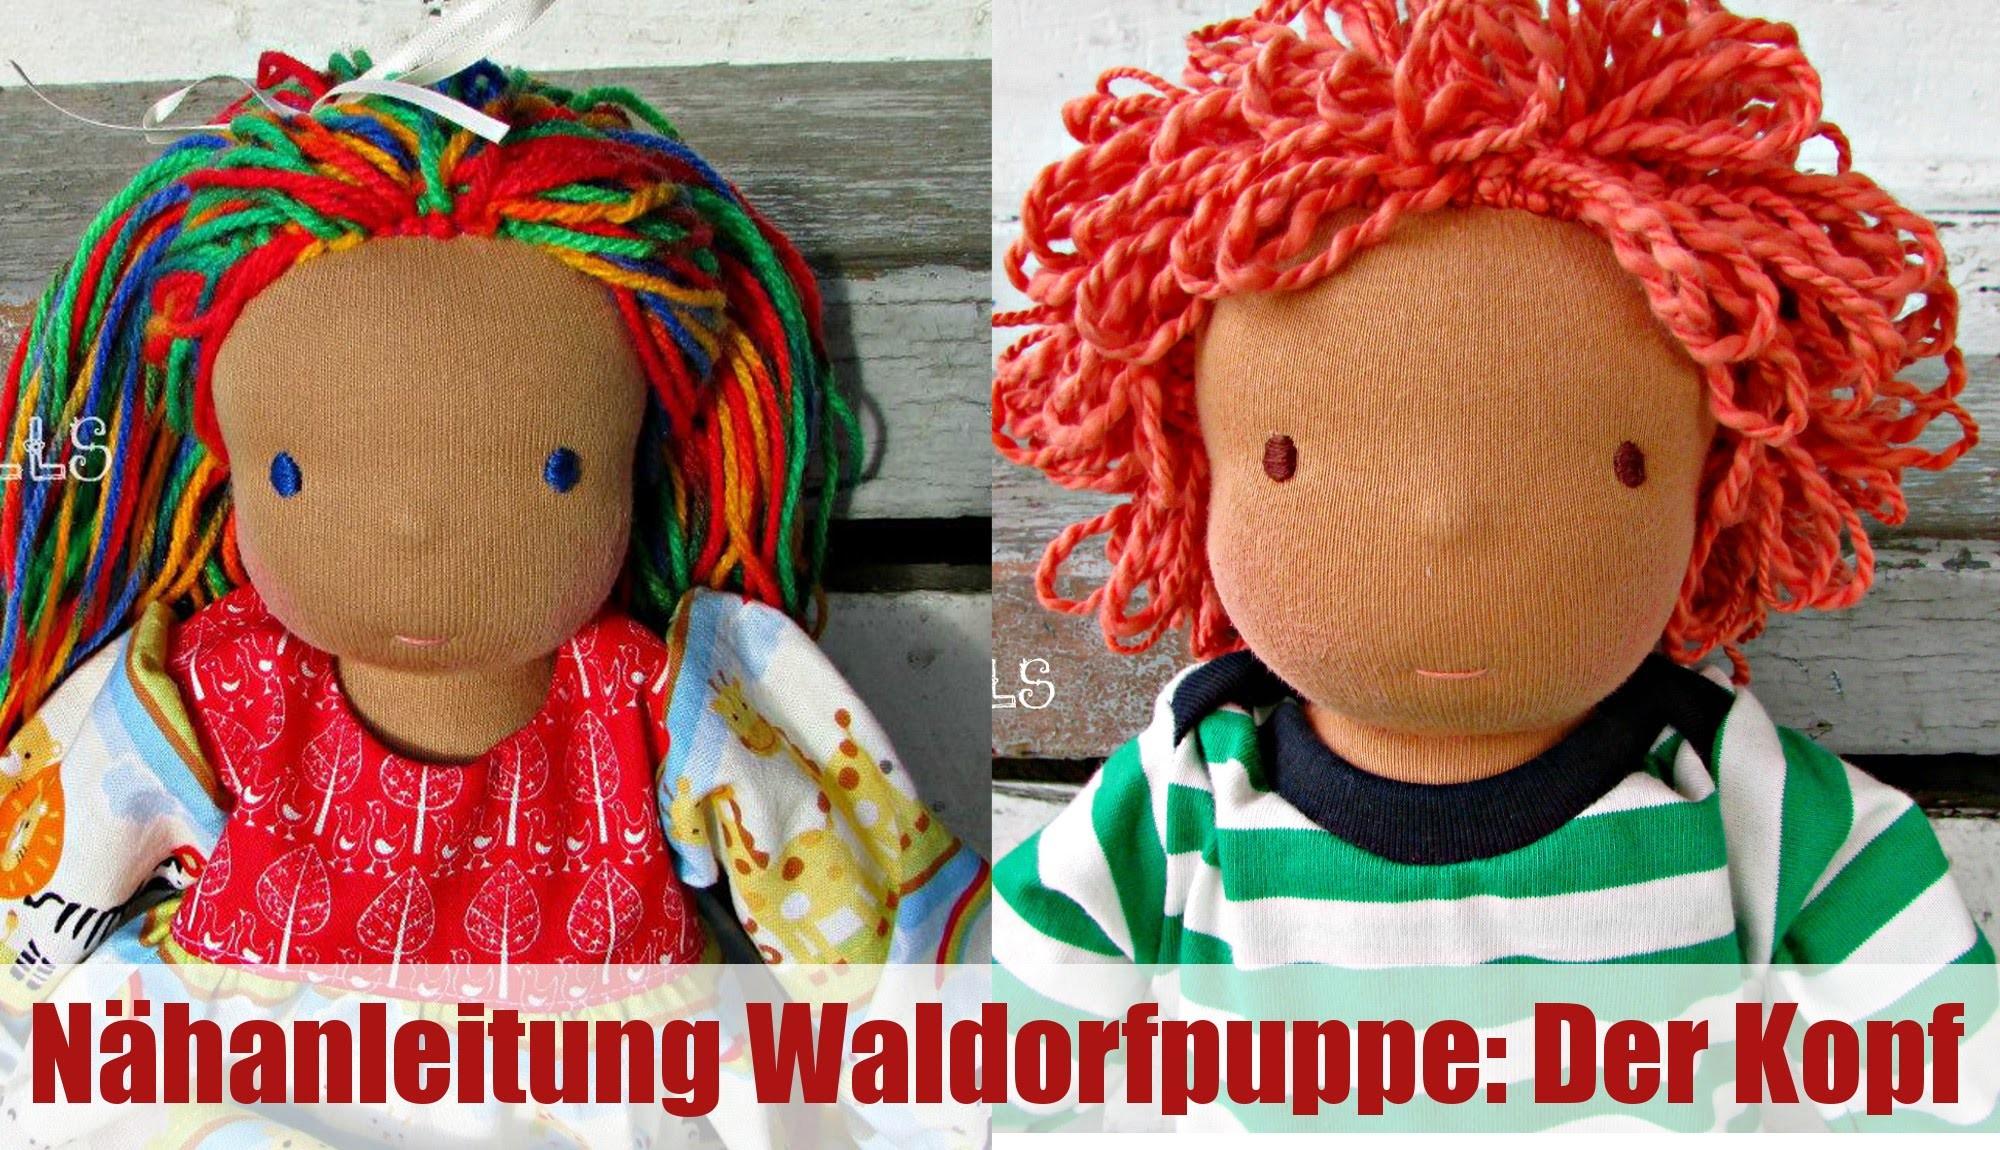 Nähanleitung Waldorfpuppe: Der Kopf | Klassisches Sami Doll Schnittmuster | Teil 1